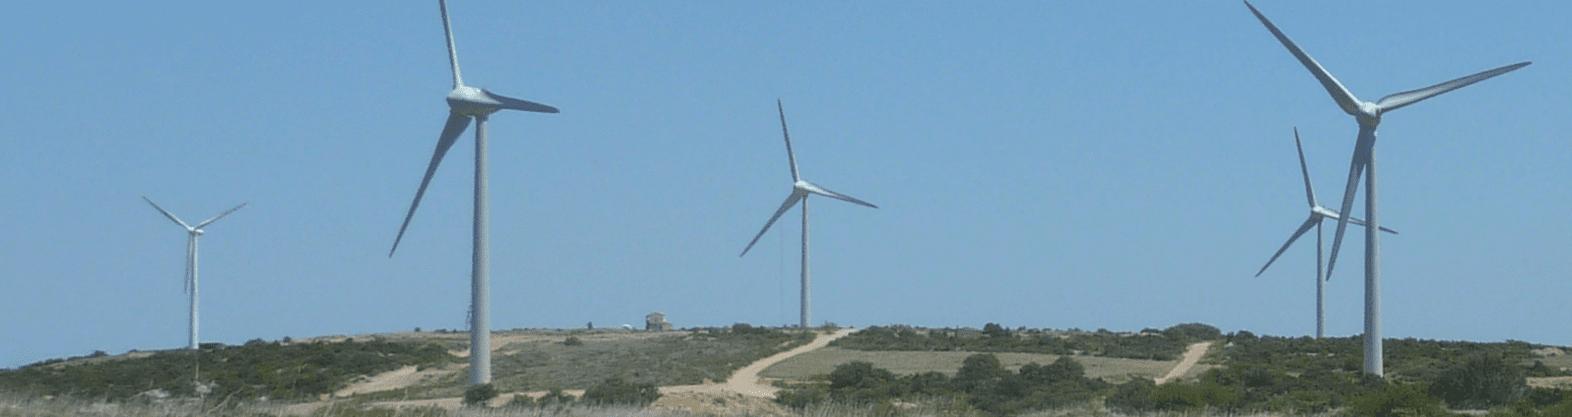 wind turbine parc total quadran